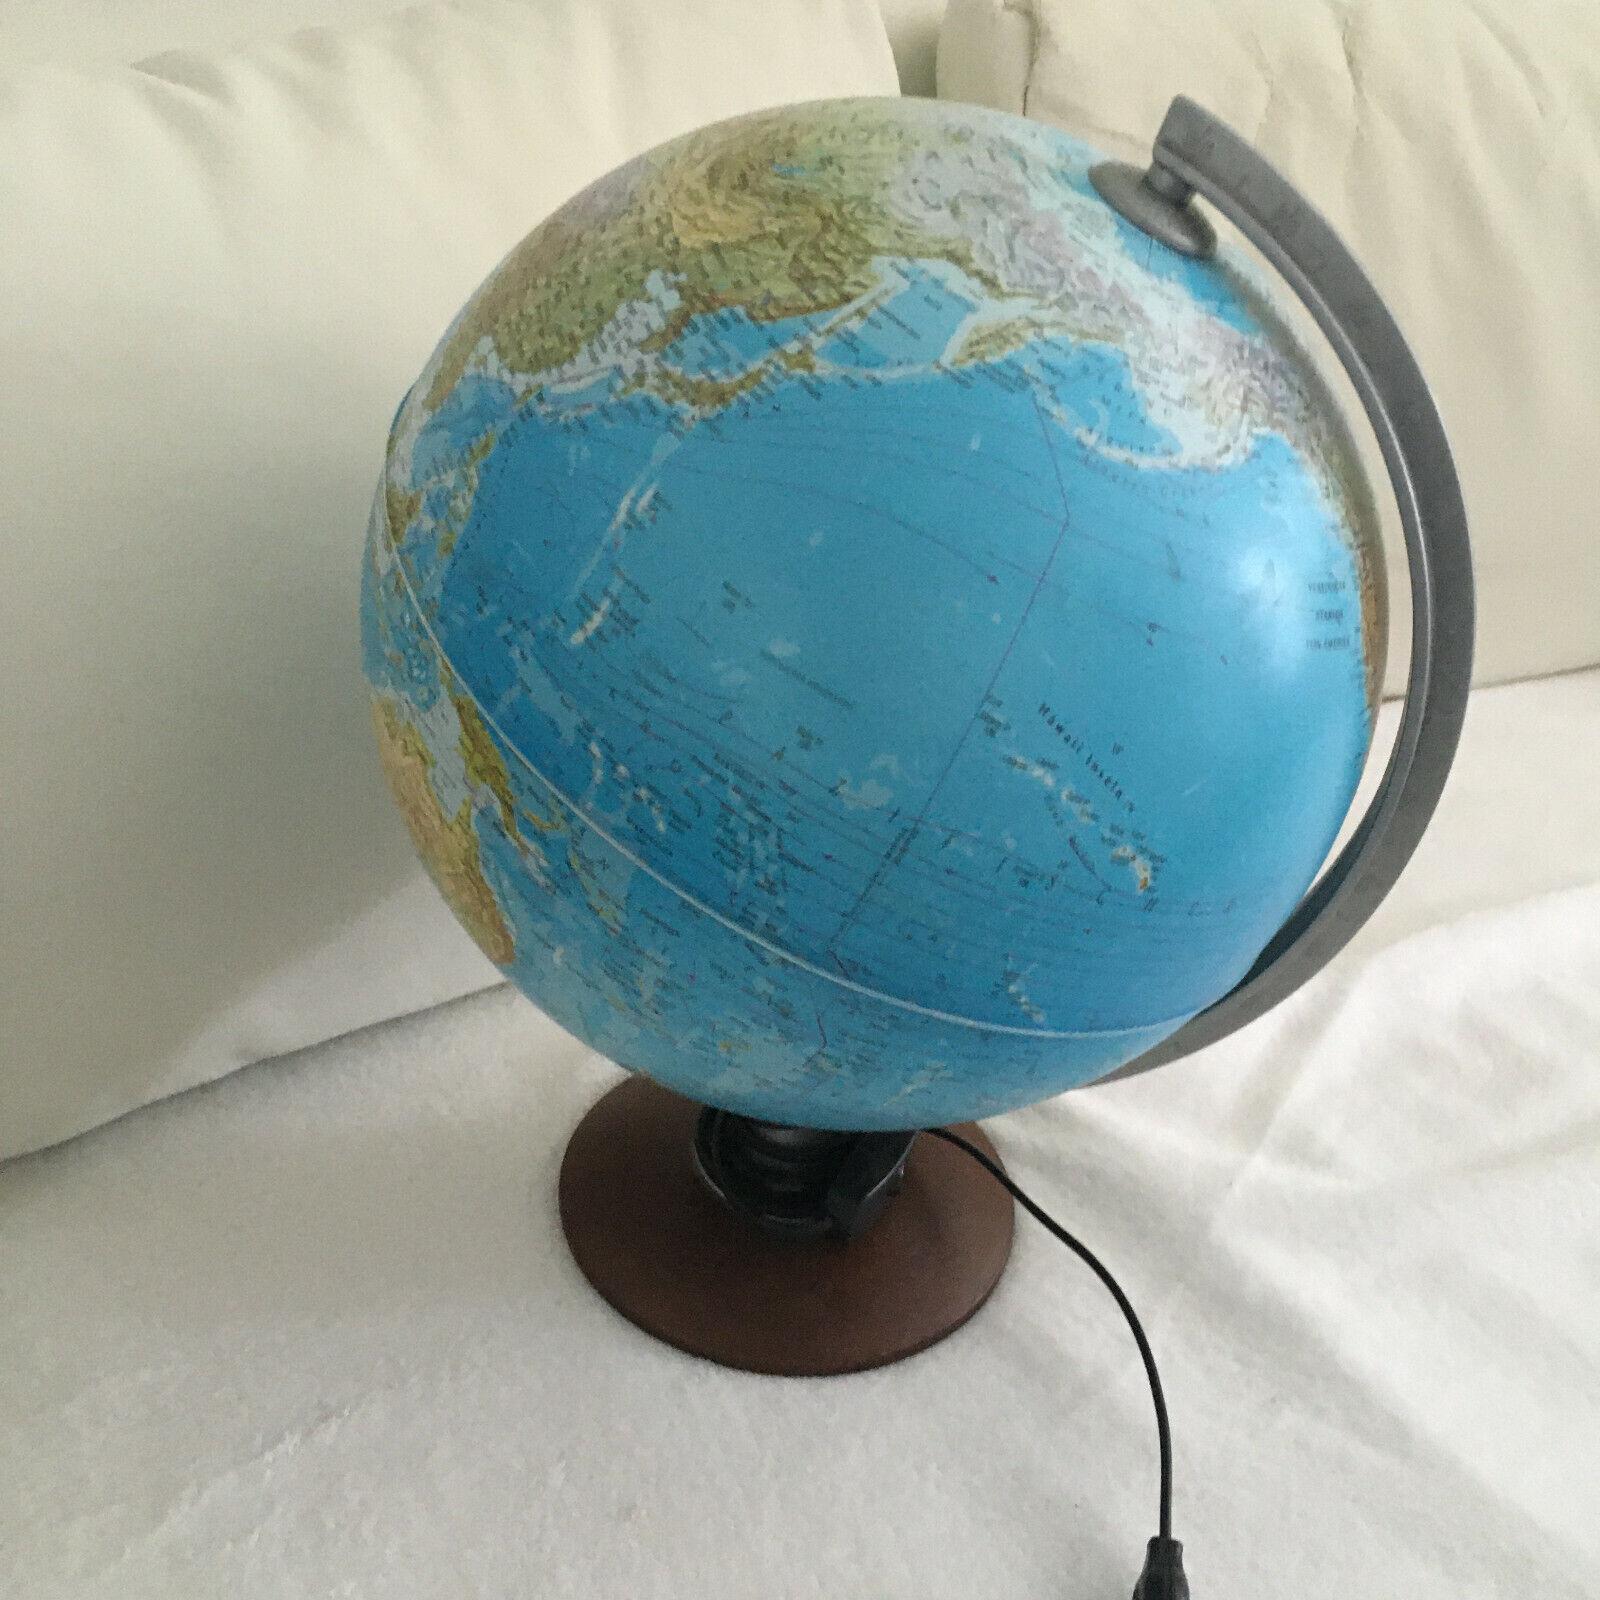 Tecnodidattica Globus Erdkugel leuchtend groß 30cm Durchmesser Leuchtglobus